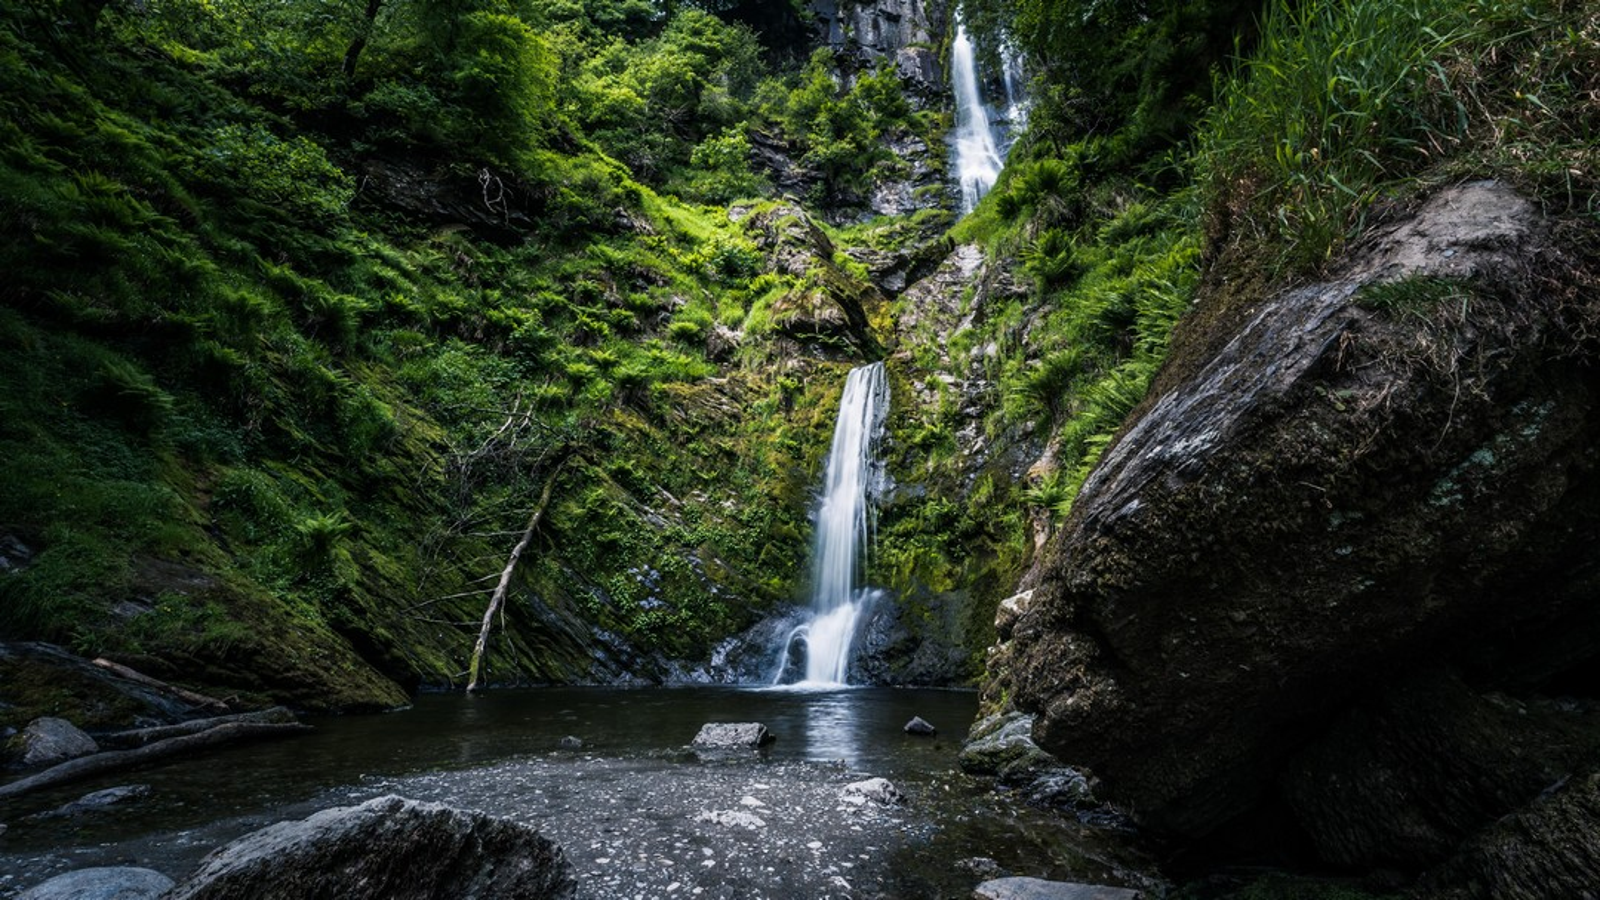 Самое интересное : Красота природы на фотографиях из сети